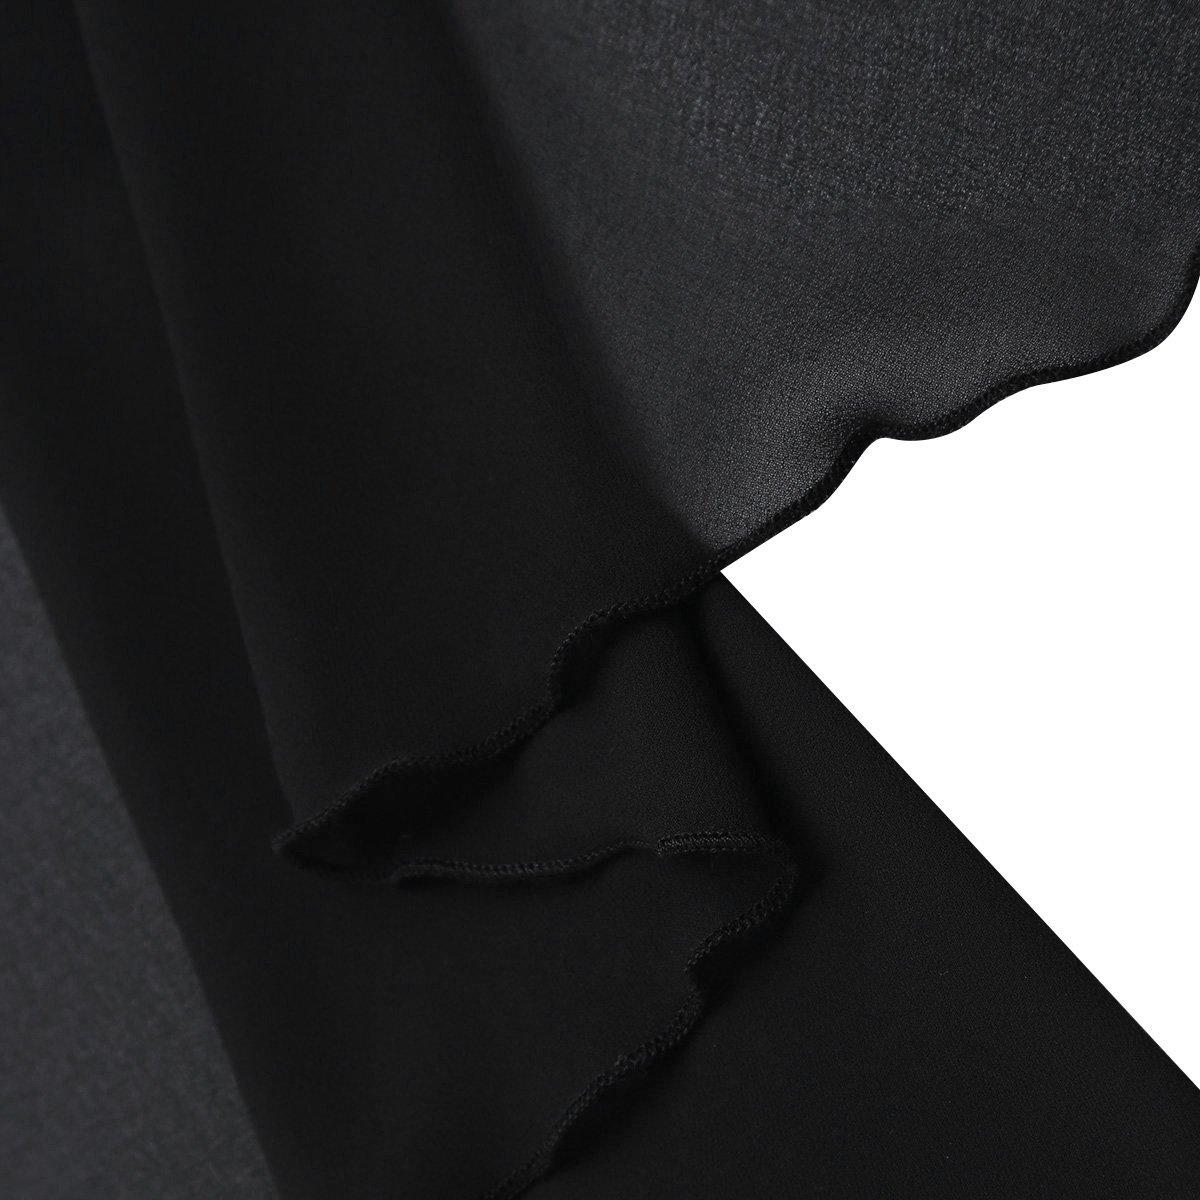 Agoky Femme Fille Asym/étrique Jupe de Danse Classique Tutu Courte Jupe de Ballet Latine Mousseline Jupe de Sport Gym Yoga Patin Jupe Soir/ée C/ér/émonie Bal Wrap Skirt Dance